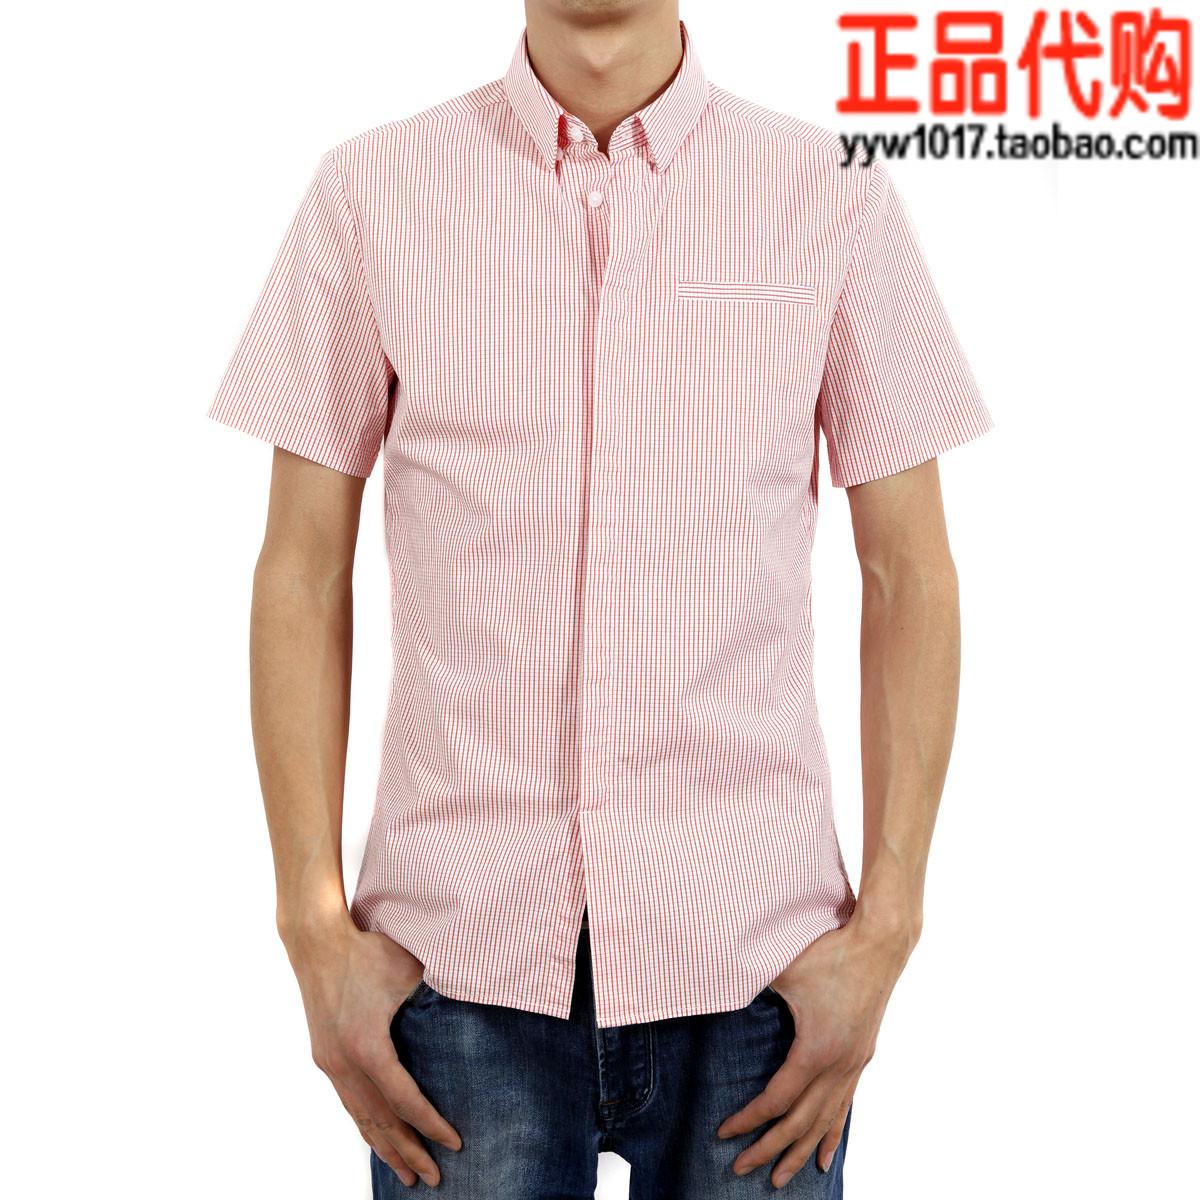 Рубашка мужская Calvin Klein 4asw112 2015 CK Jeans 990